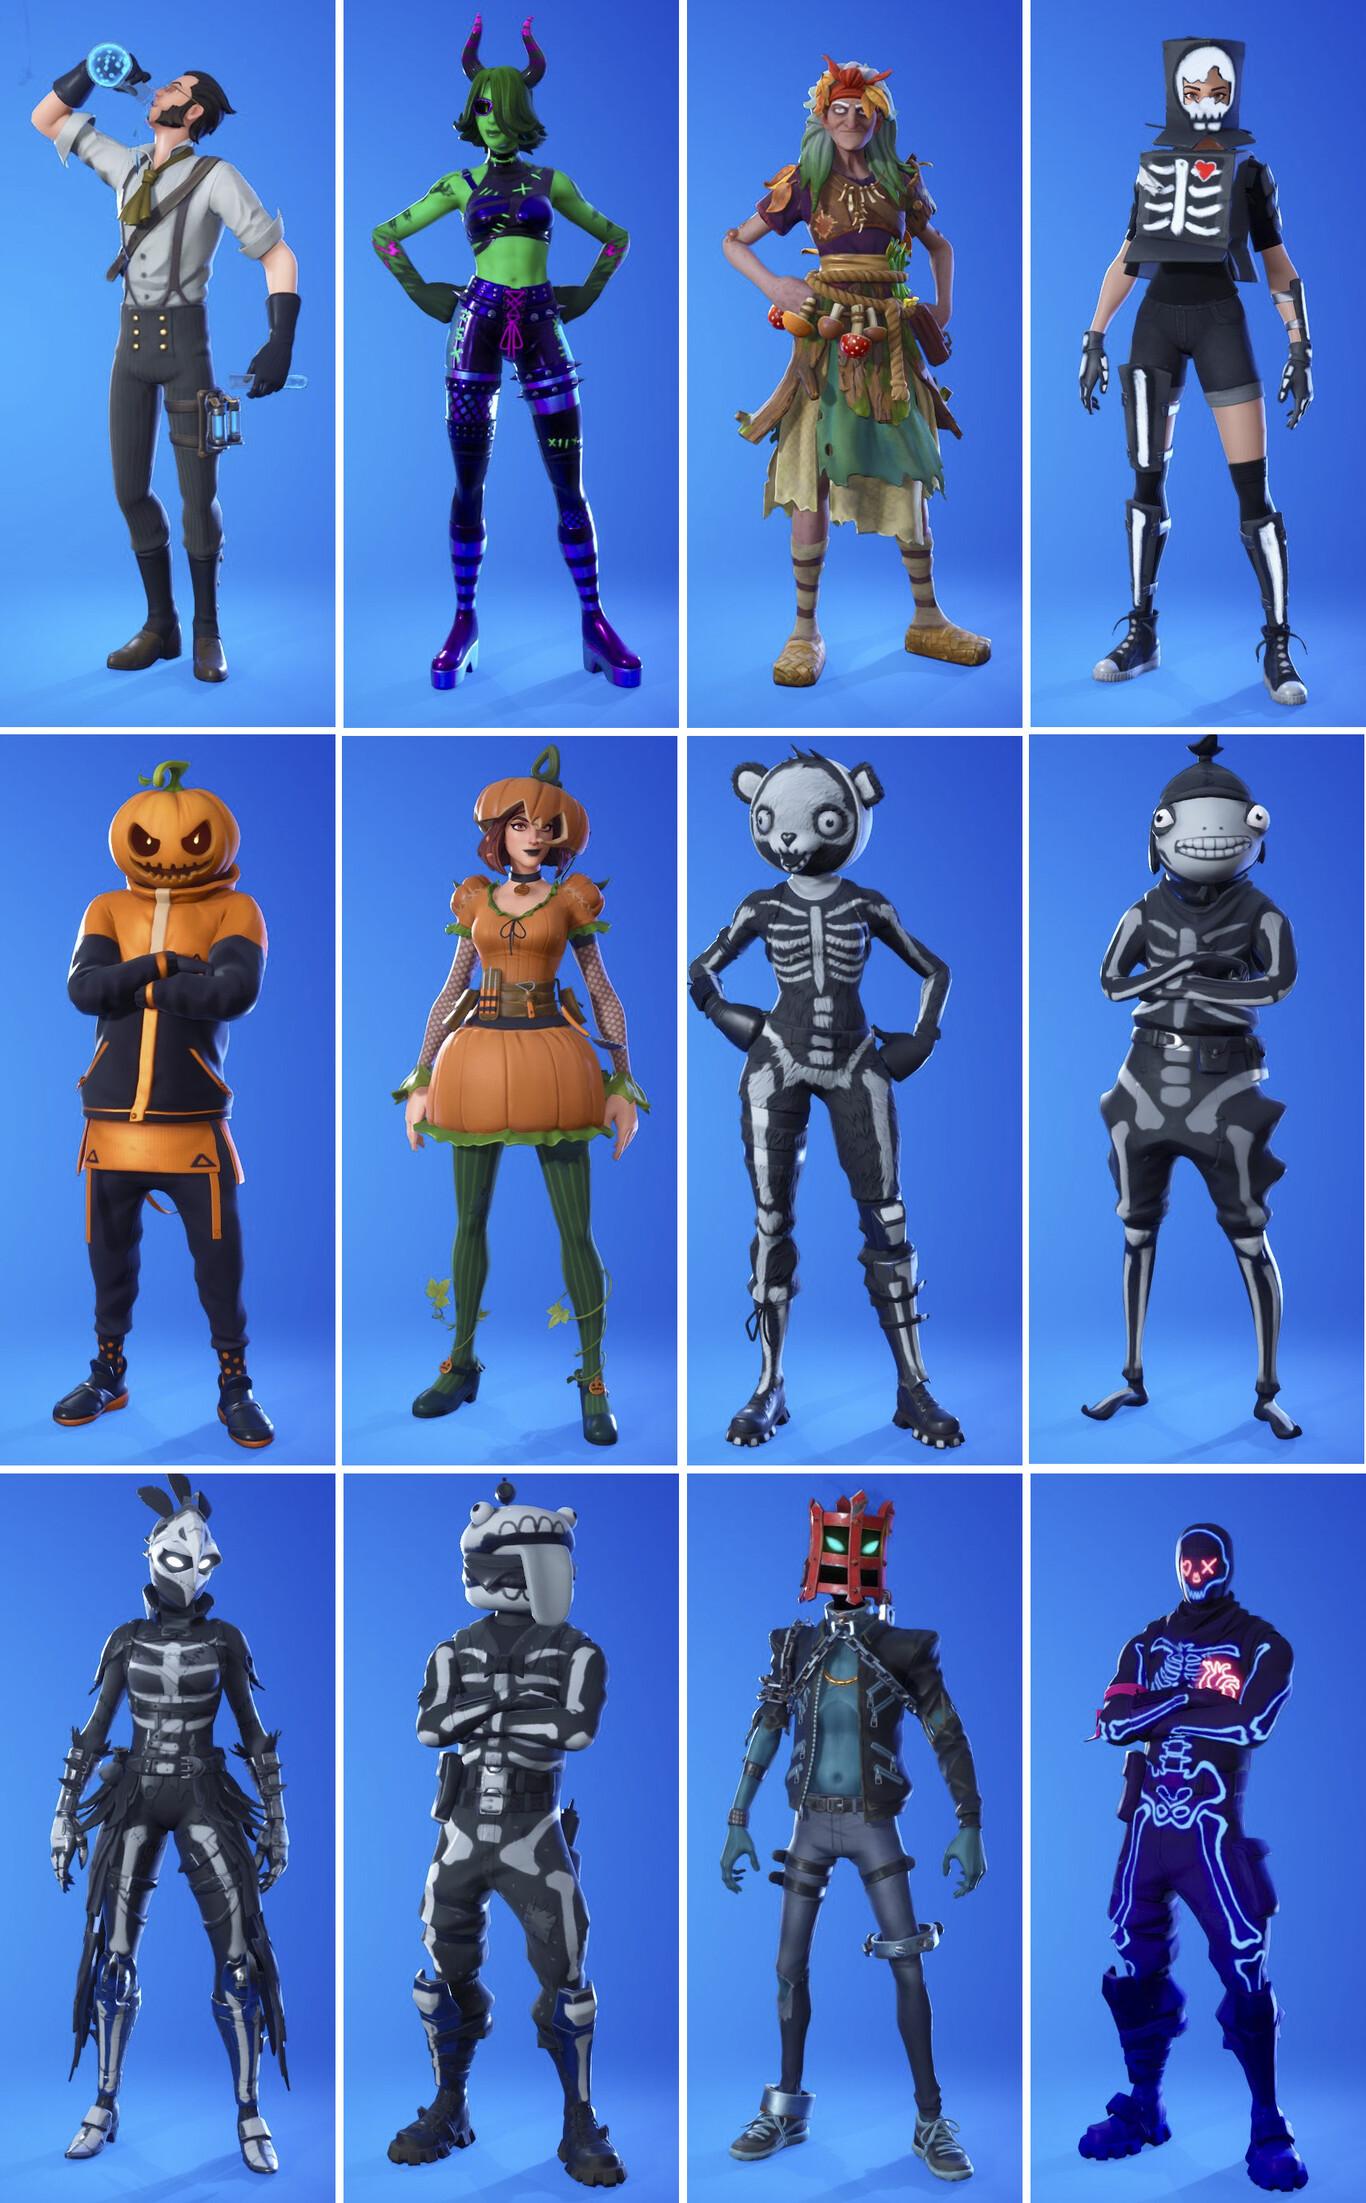 Skins Fortnitemares 2020